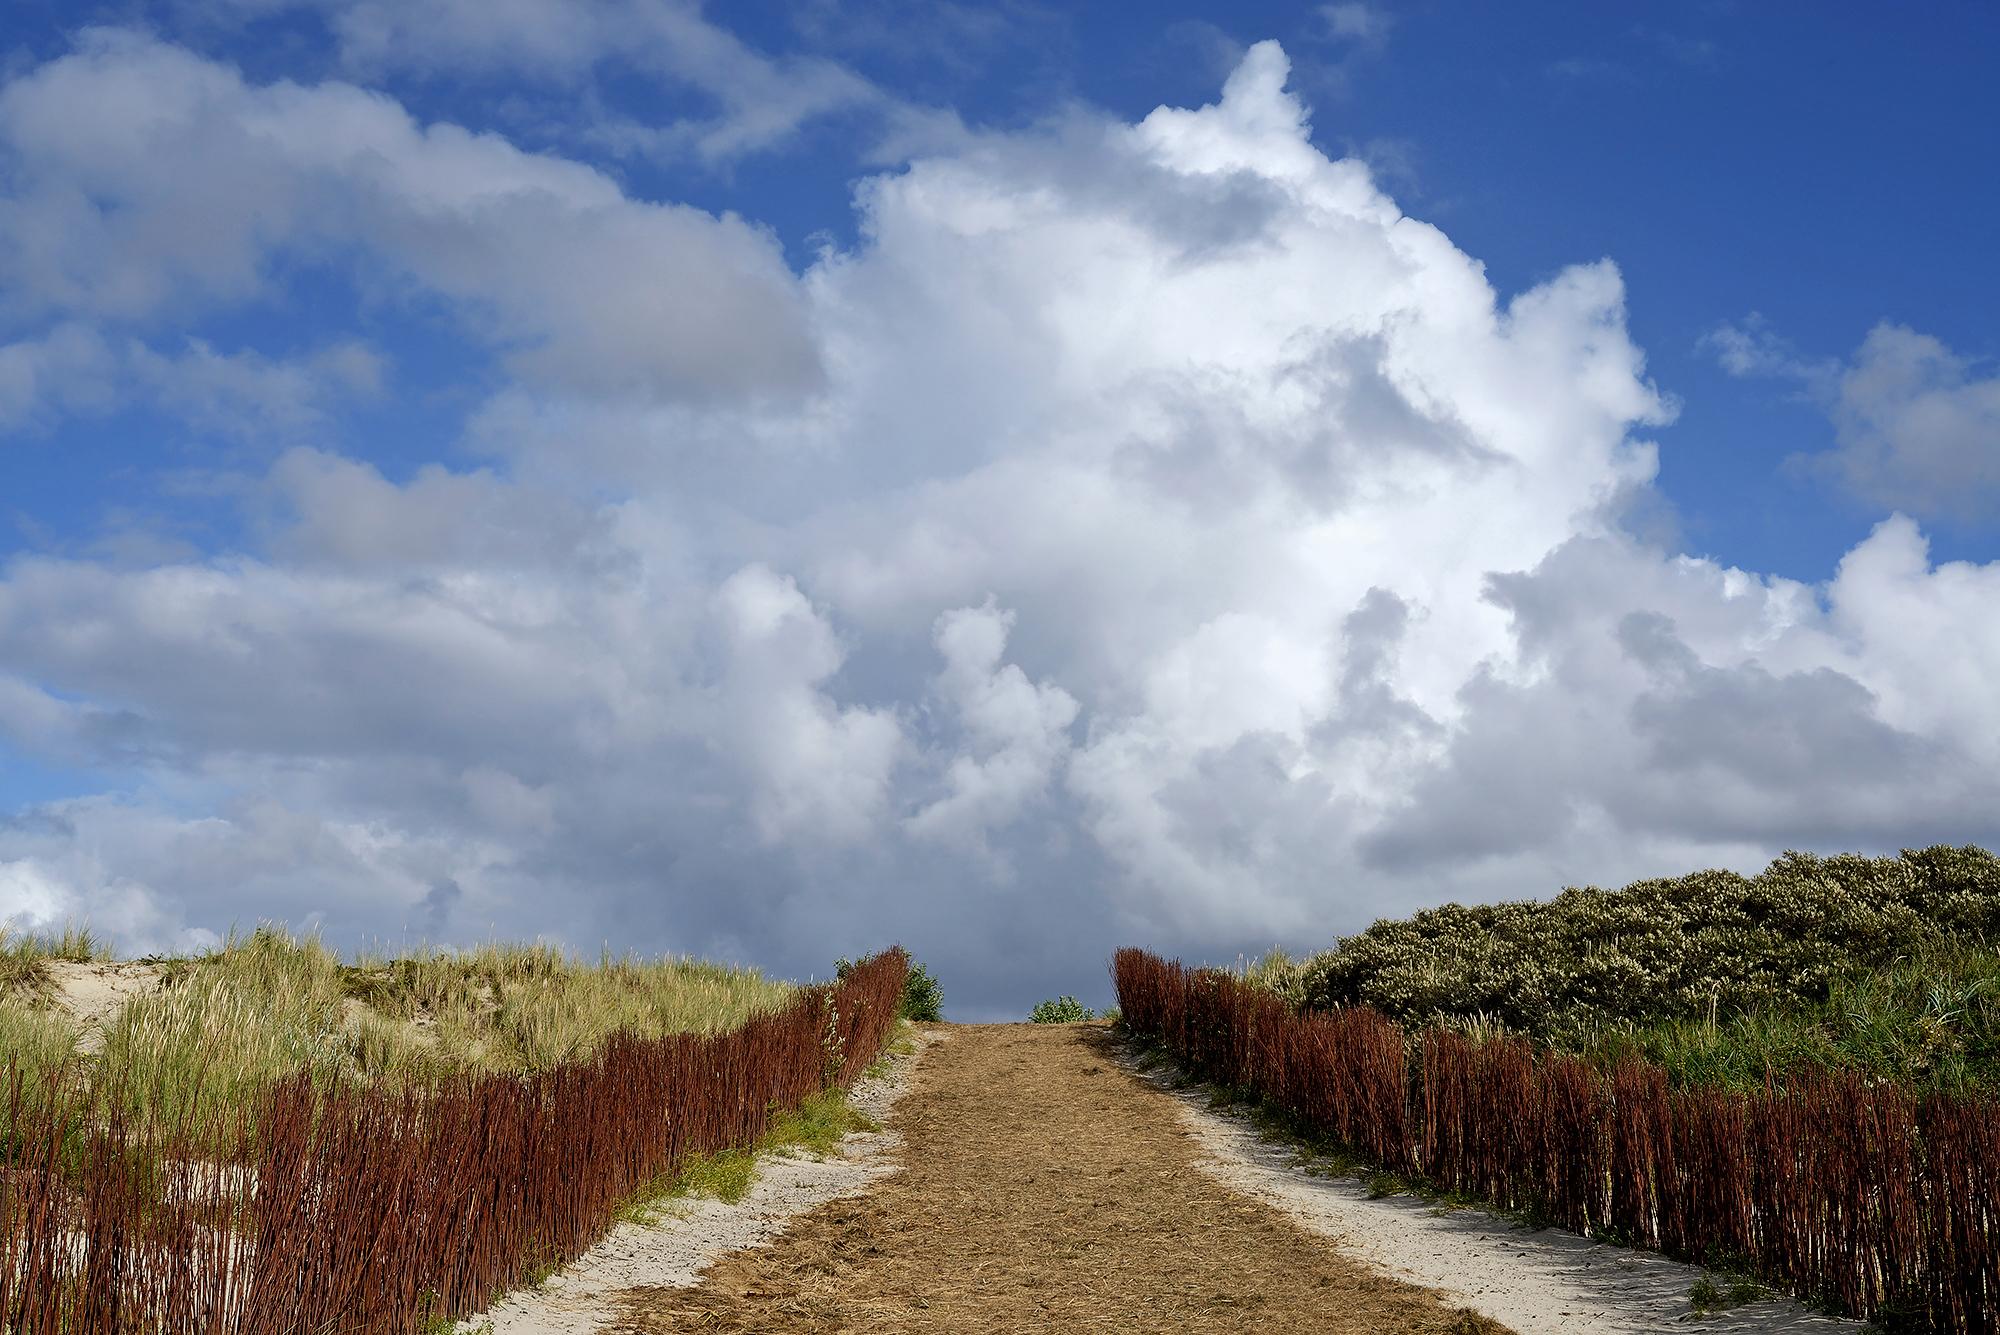 Blauwe lucht en witte wolken boven het zandpad van de opgang naar het Westerstrand op het waddeneiland Schiermonnikoog